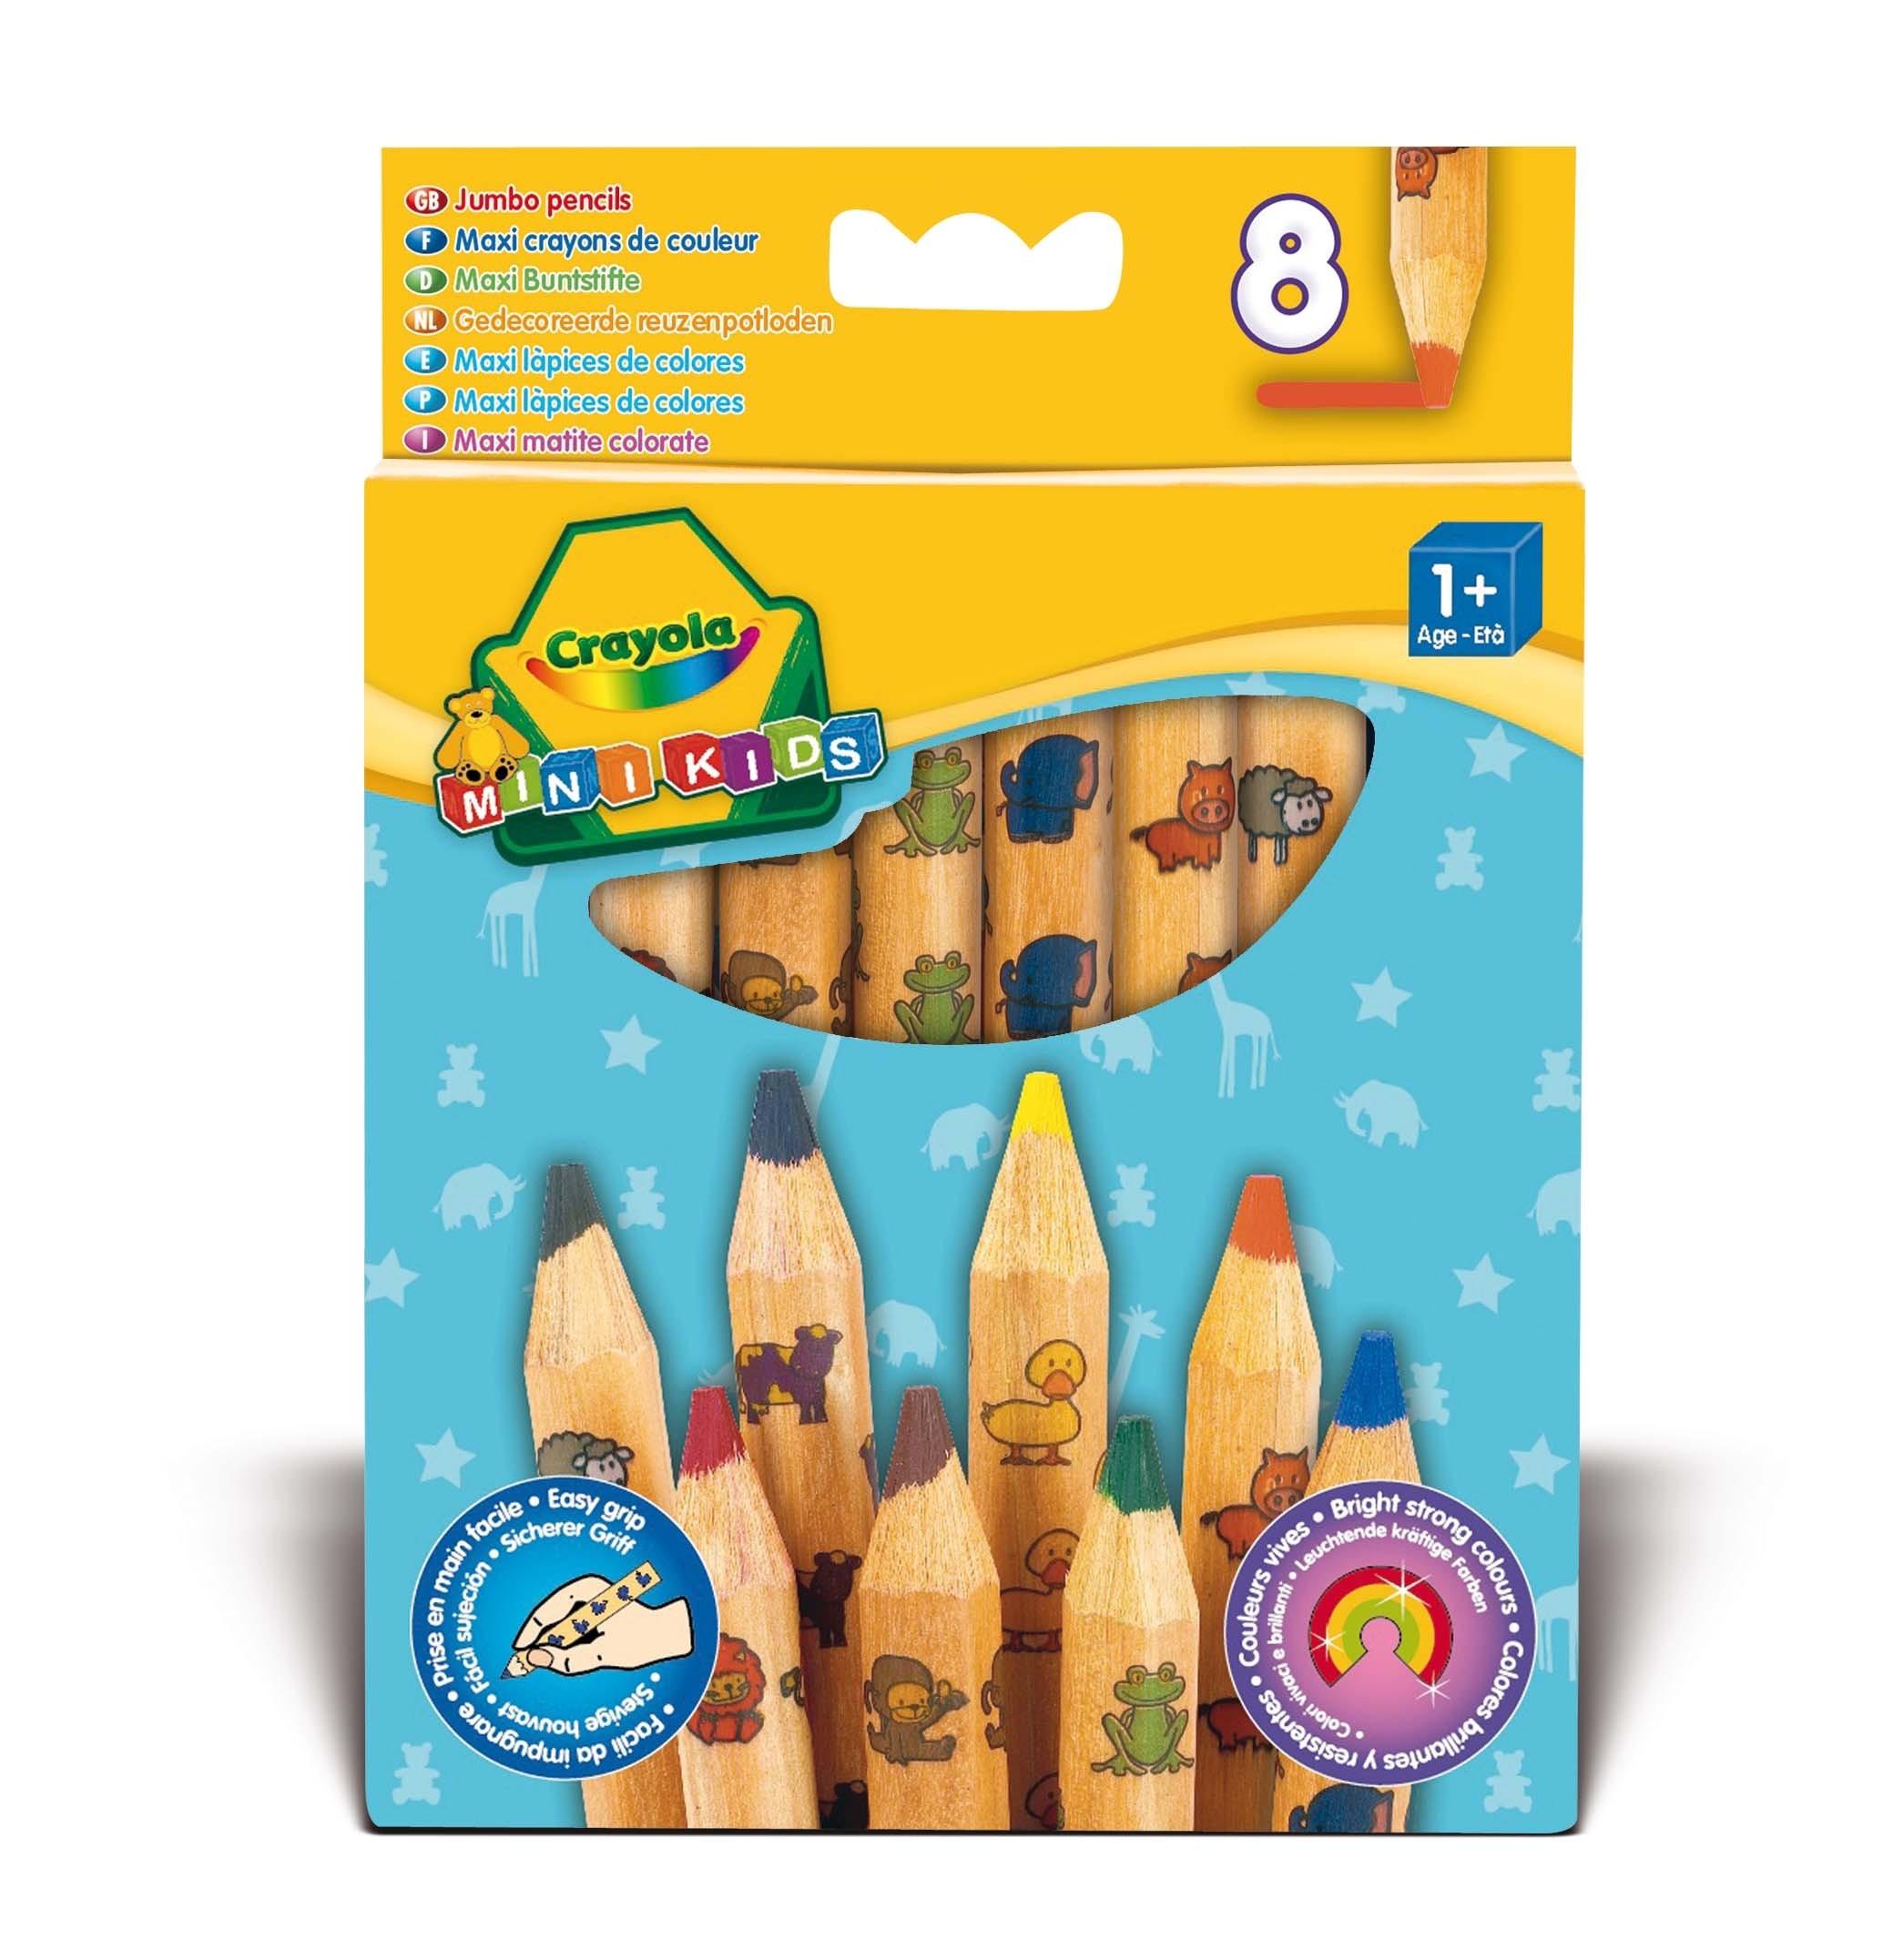 Ручки и карандаши Crayola Толстые для малышей 8 шт. ручки и карандаши crayola восковые 12шт разноцветные